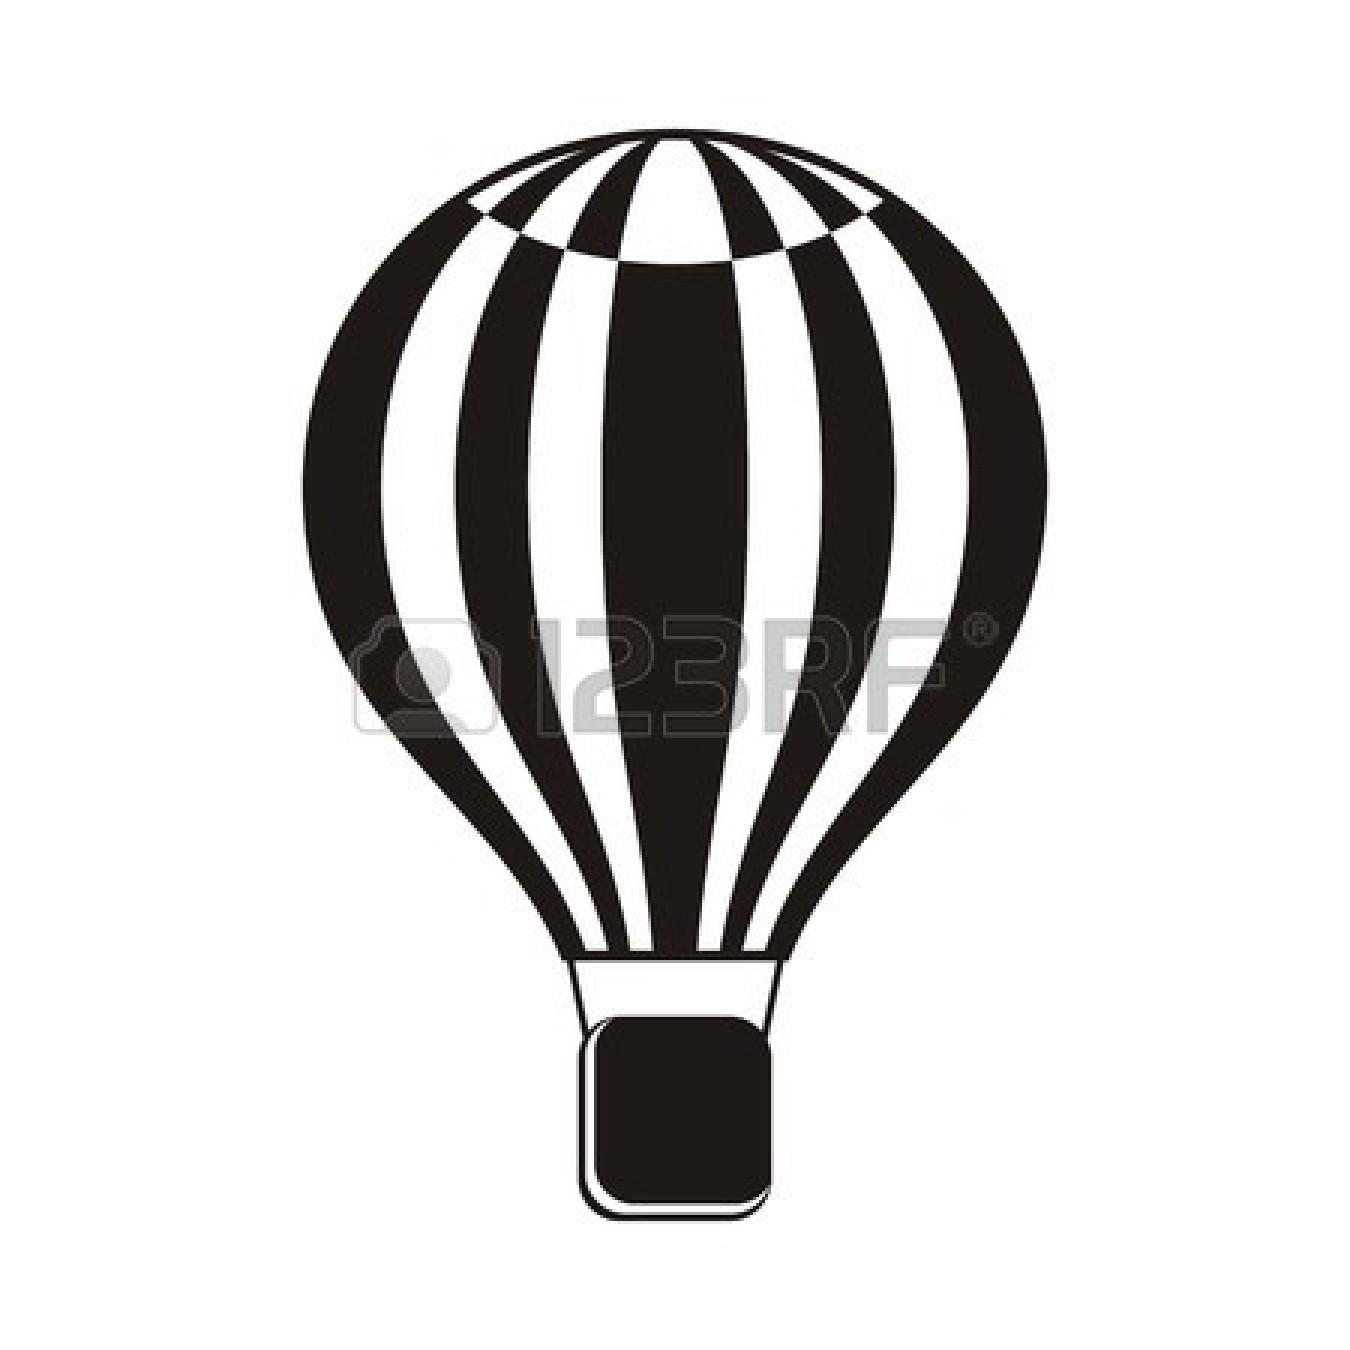 1350x1350 Hot Air Balloon Black And White Black And White Hot Air Balloon